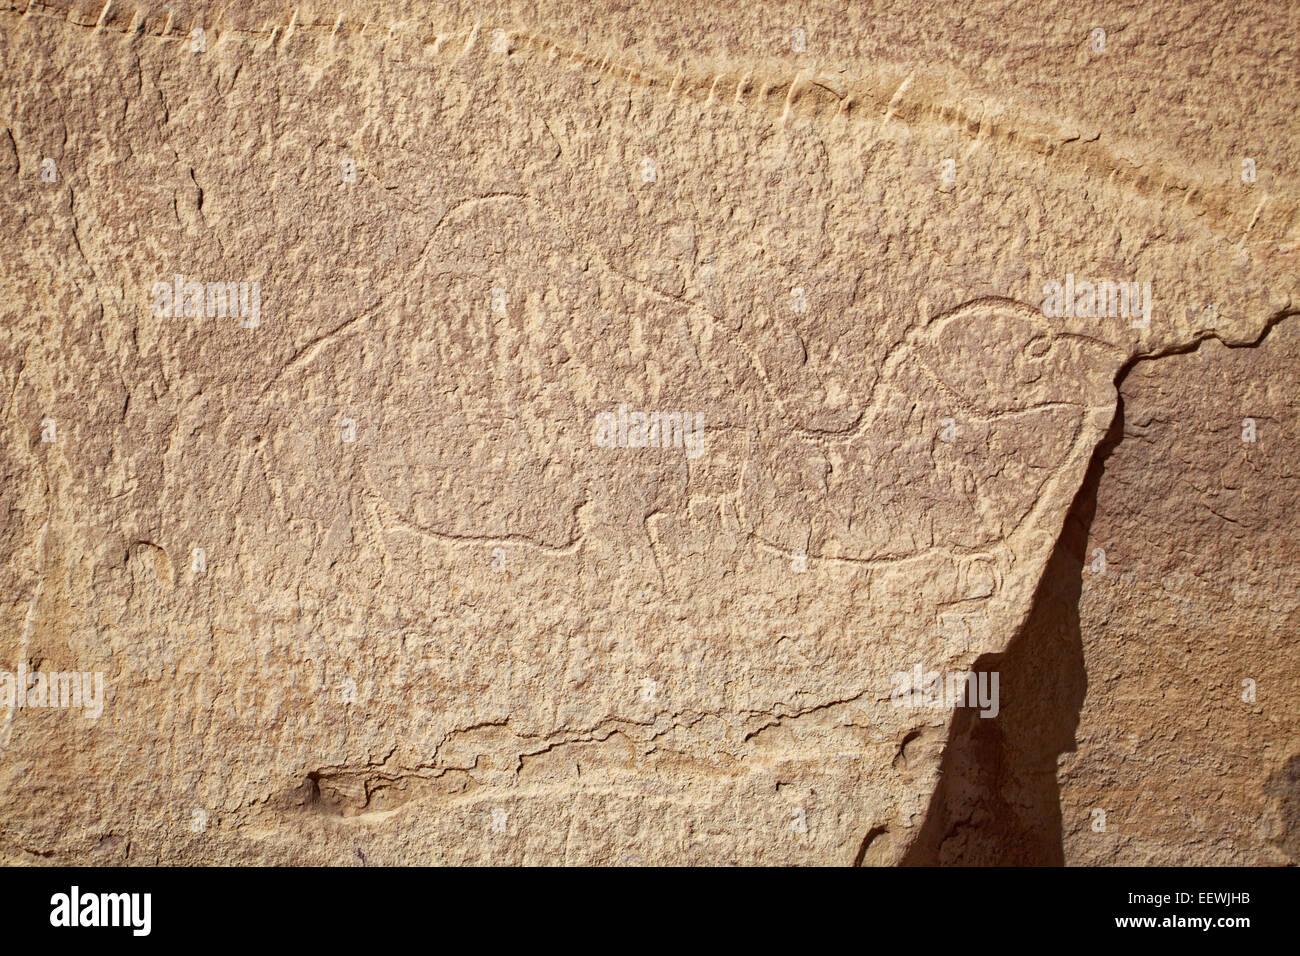 Prehistoric rock carving, camel, desert, Wadi Rum, Jordan Stock Photo